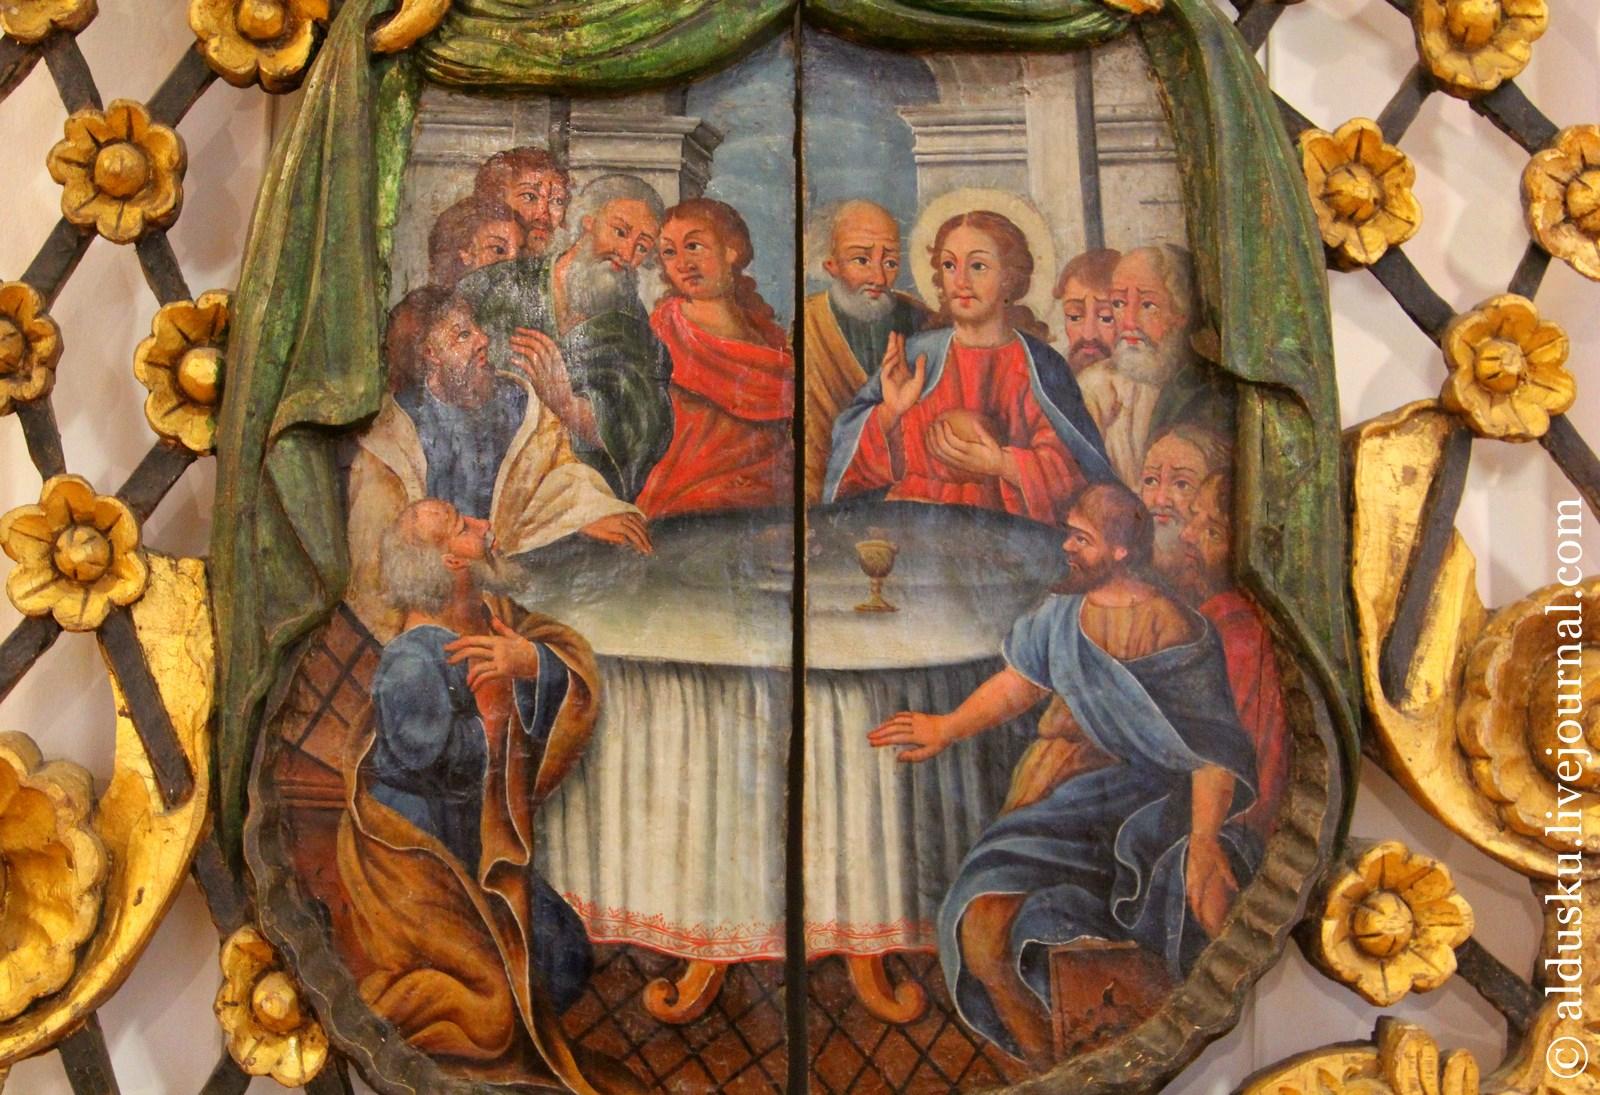 Фрагмент. Царские врата. Середина XVIII в. Дерево, резьба, позолота